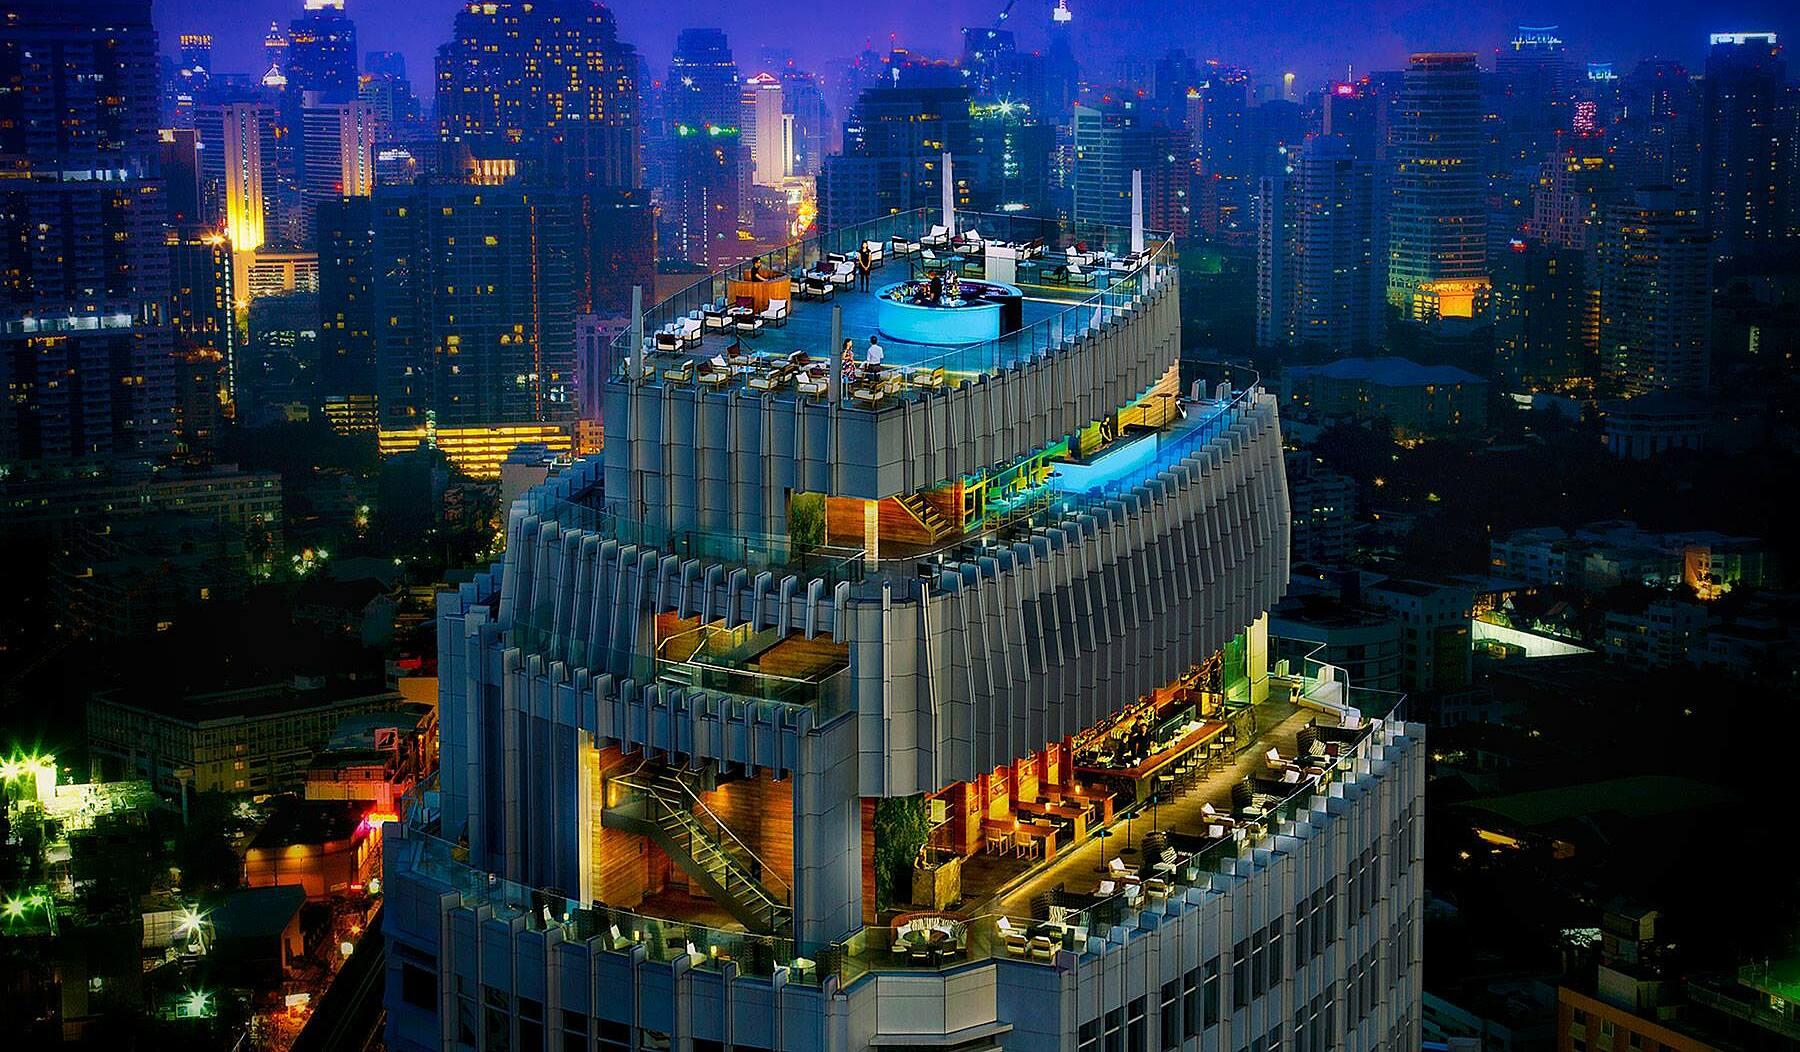 Du khách có cơ hội khám phá cảnh đẹp tại Thái Lan và thỏa sức mua sắm tại thủ đô Bangkok.